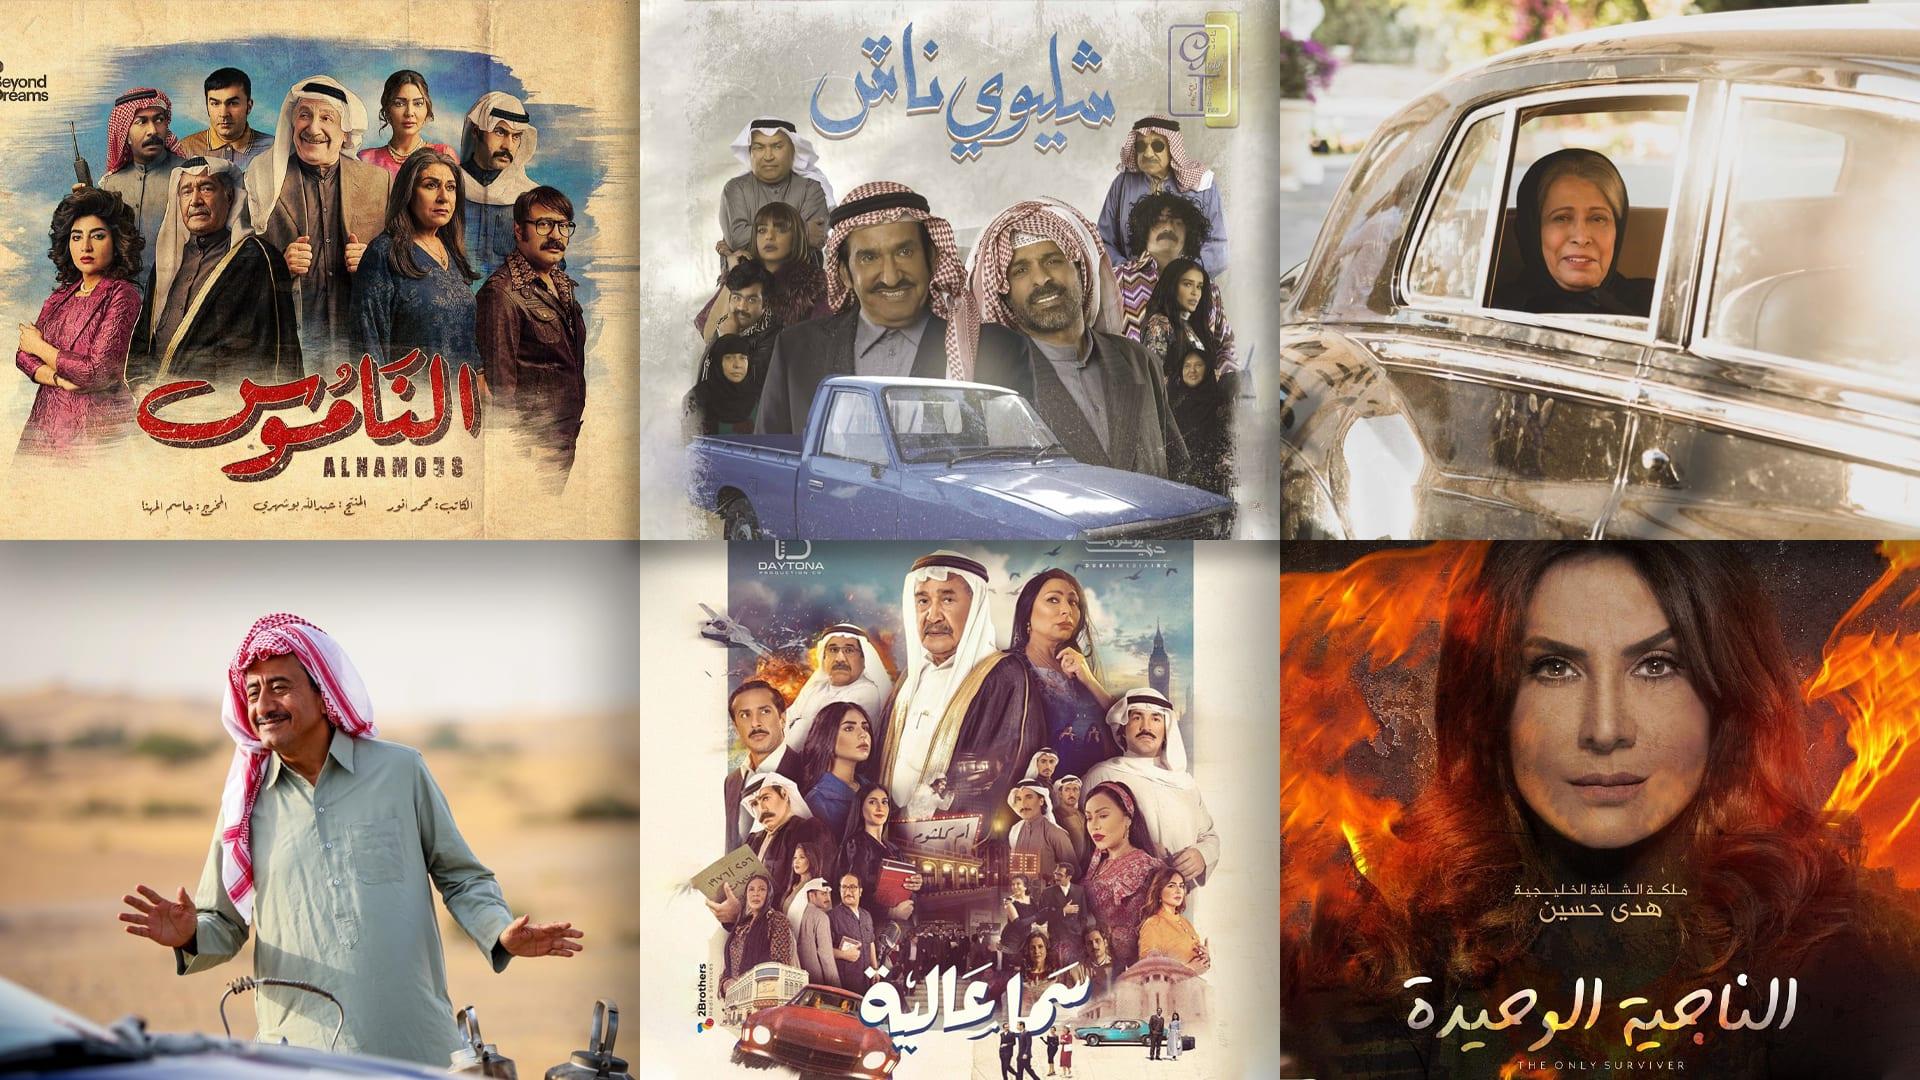 أبرز المسلسلات الخليجية في رمضان 2021